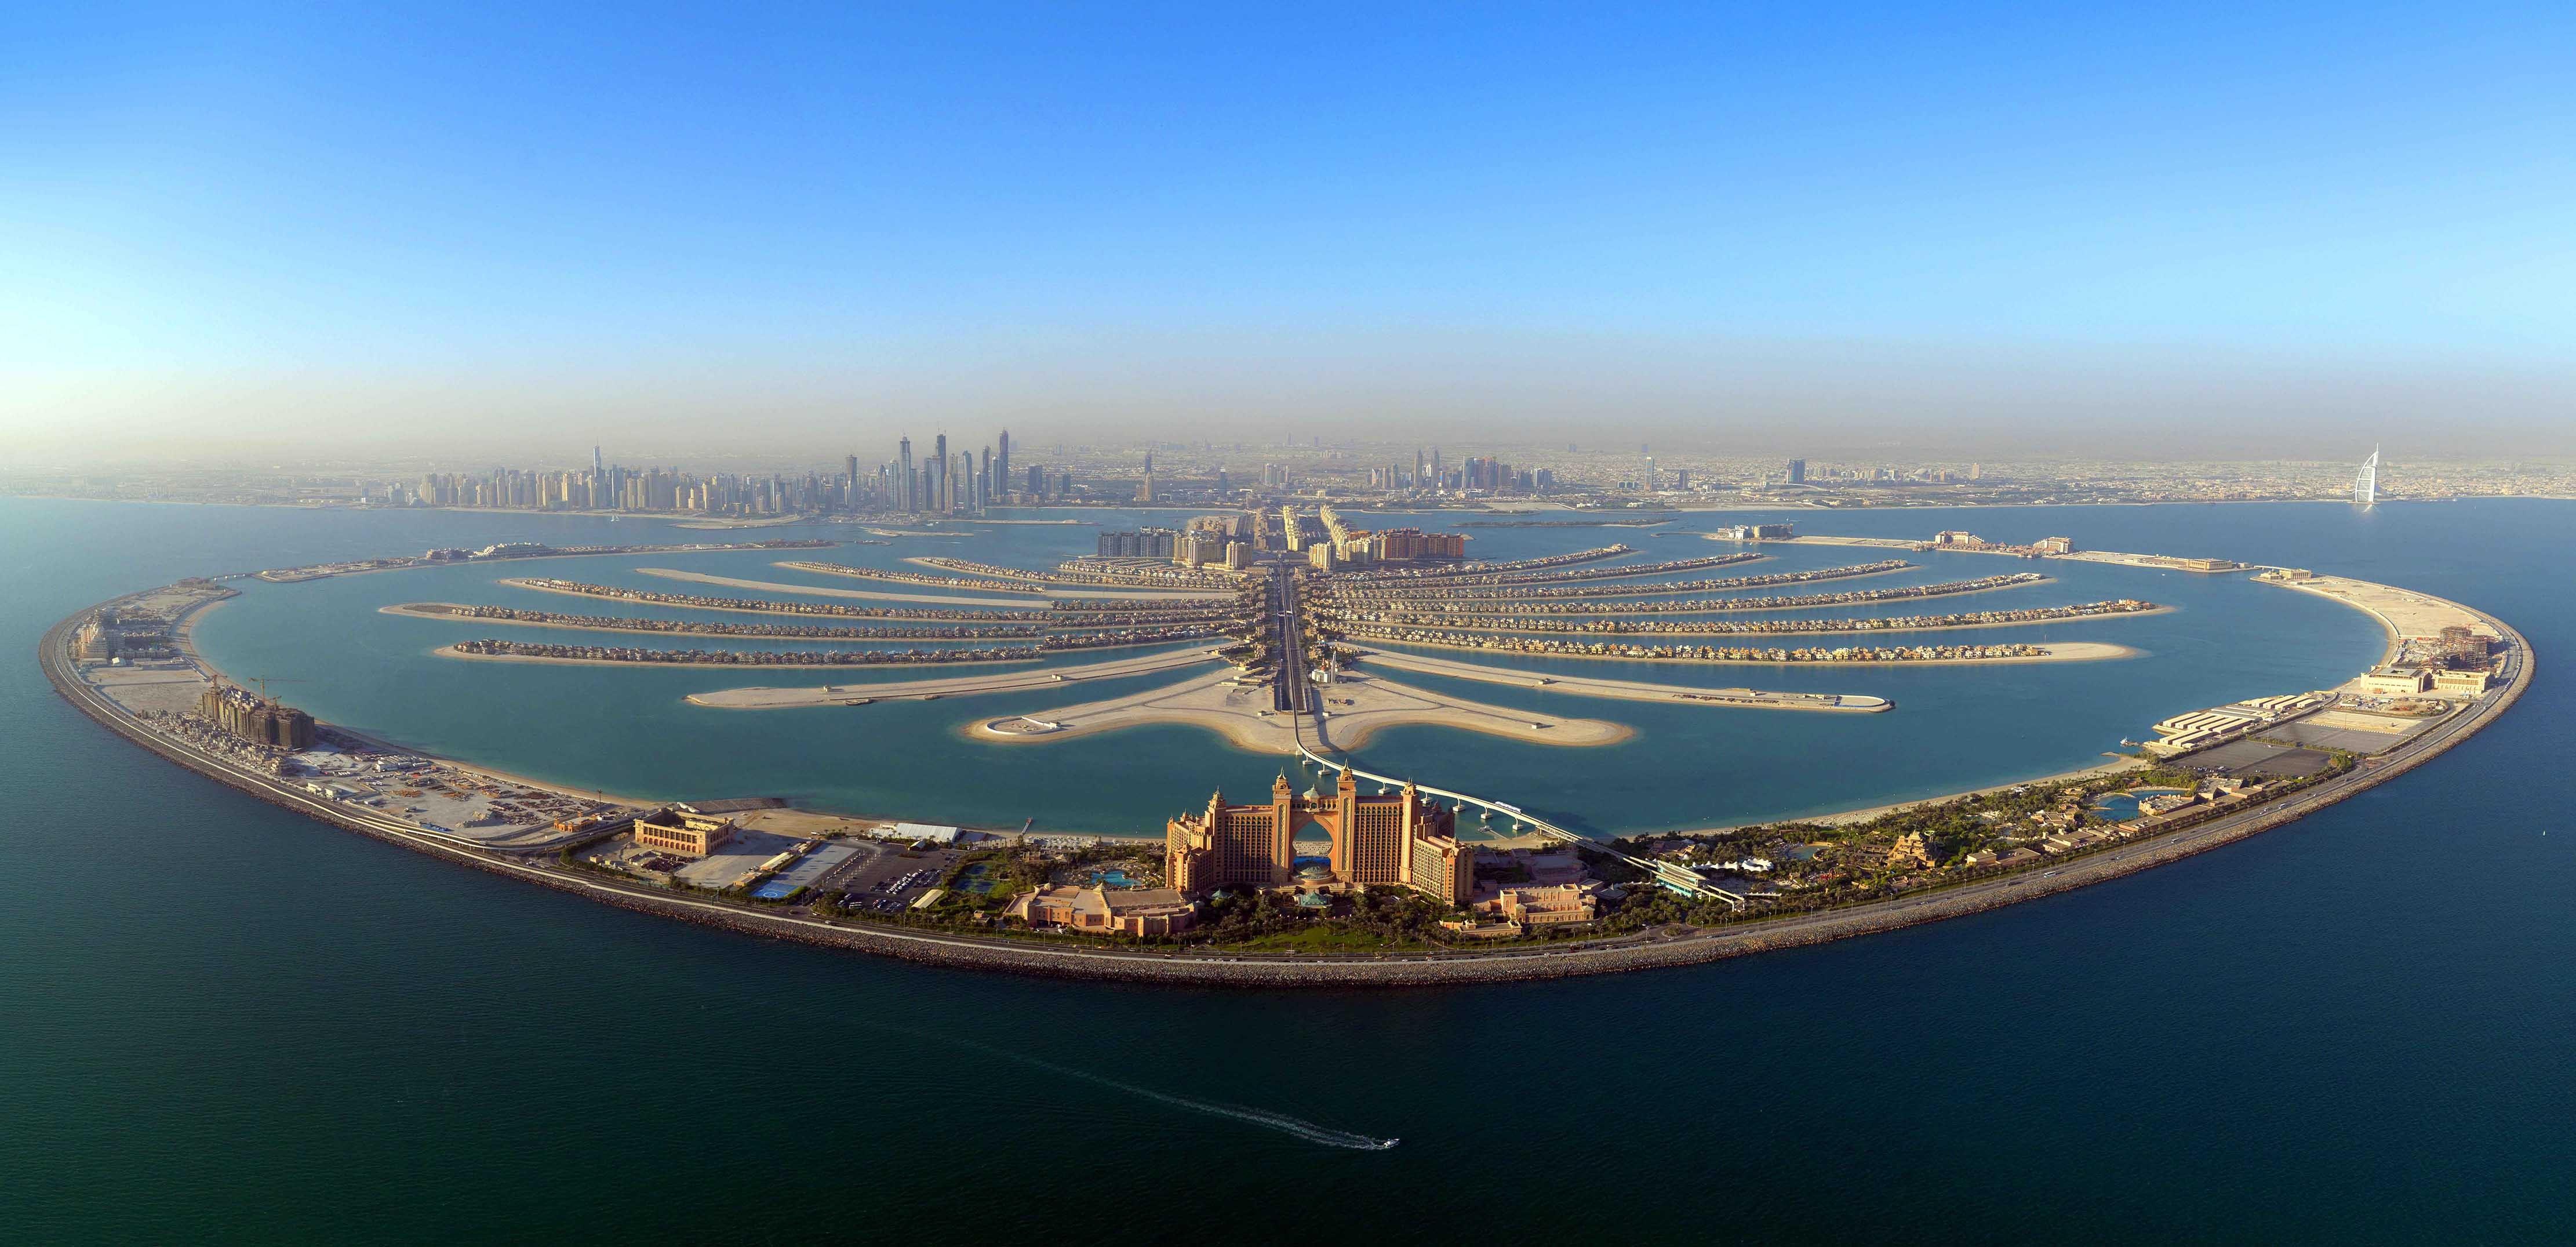 پروژه پالم دبی - ابر پروژه های